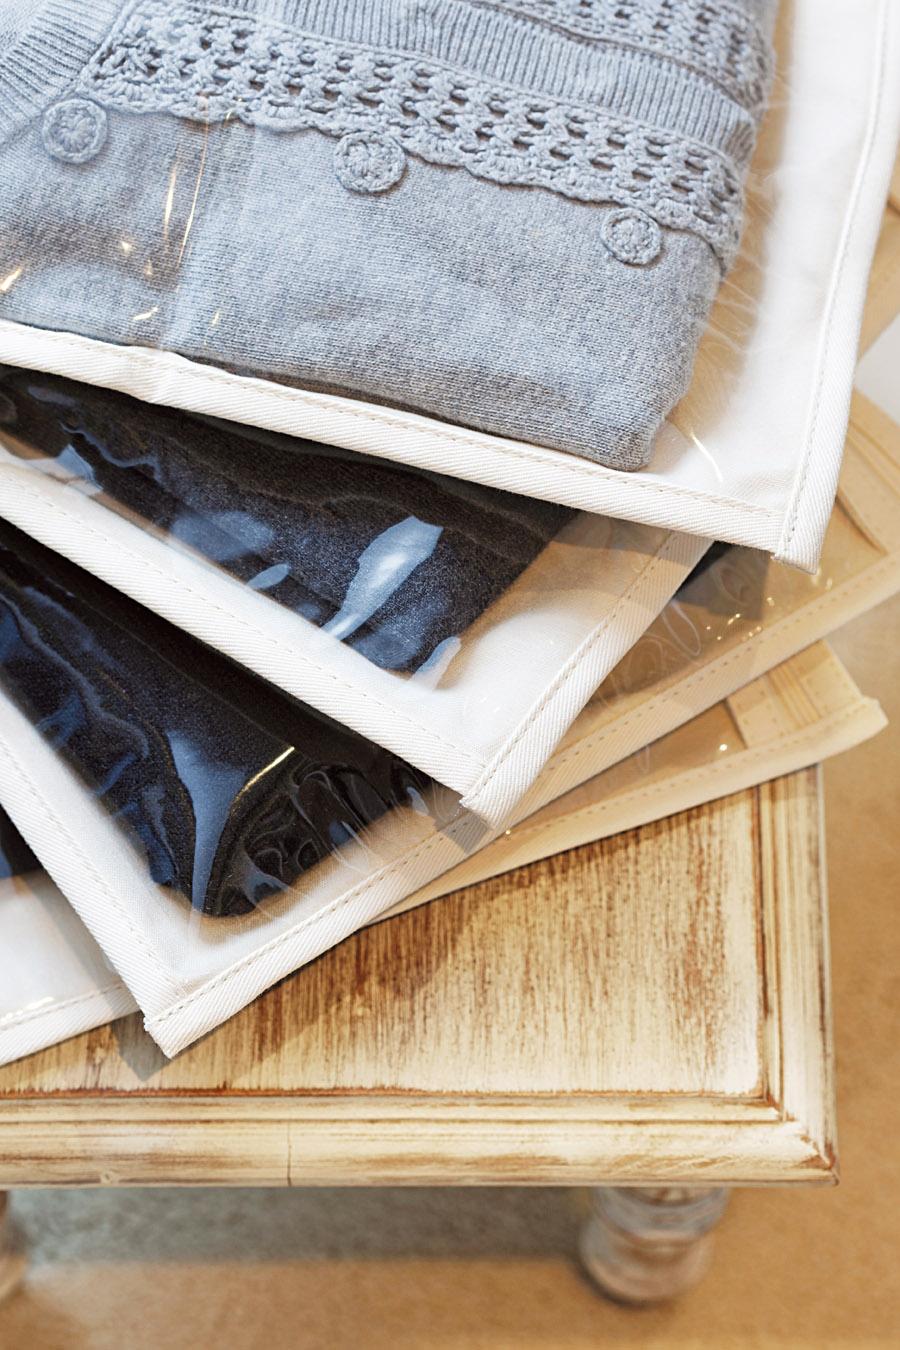 <b>Na estica</b> Os cabides são próprios para cada roupa. Na Utilitá, modelos emborrachados para saias custam R$ 22. Na Multicoisas, cabides simples custam de R$ 1,50 a  R$ 2,20; a Utilitá também vende capas de sarja e plástico para conservar roupas. Uma para vestido médio sai por R$ 70